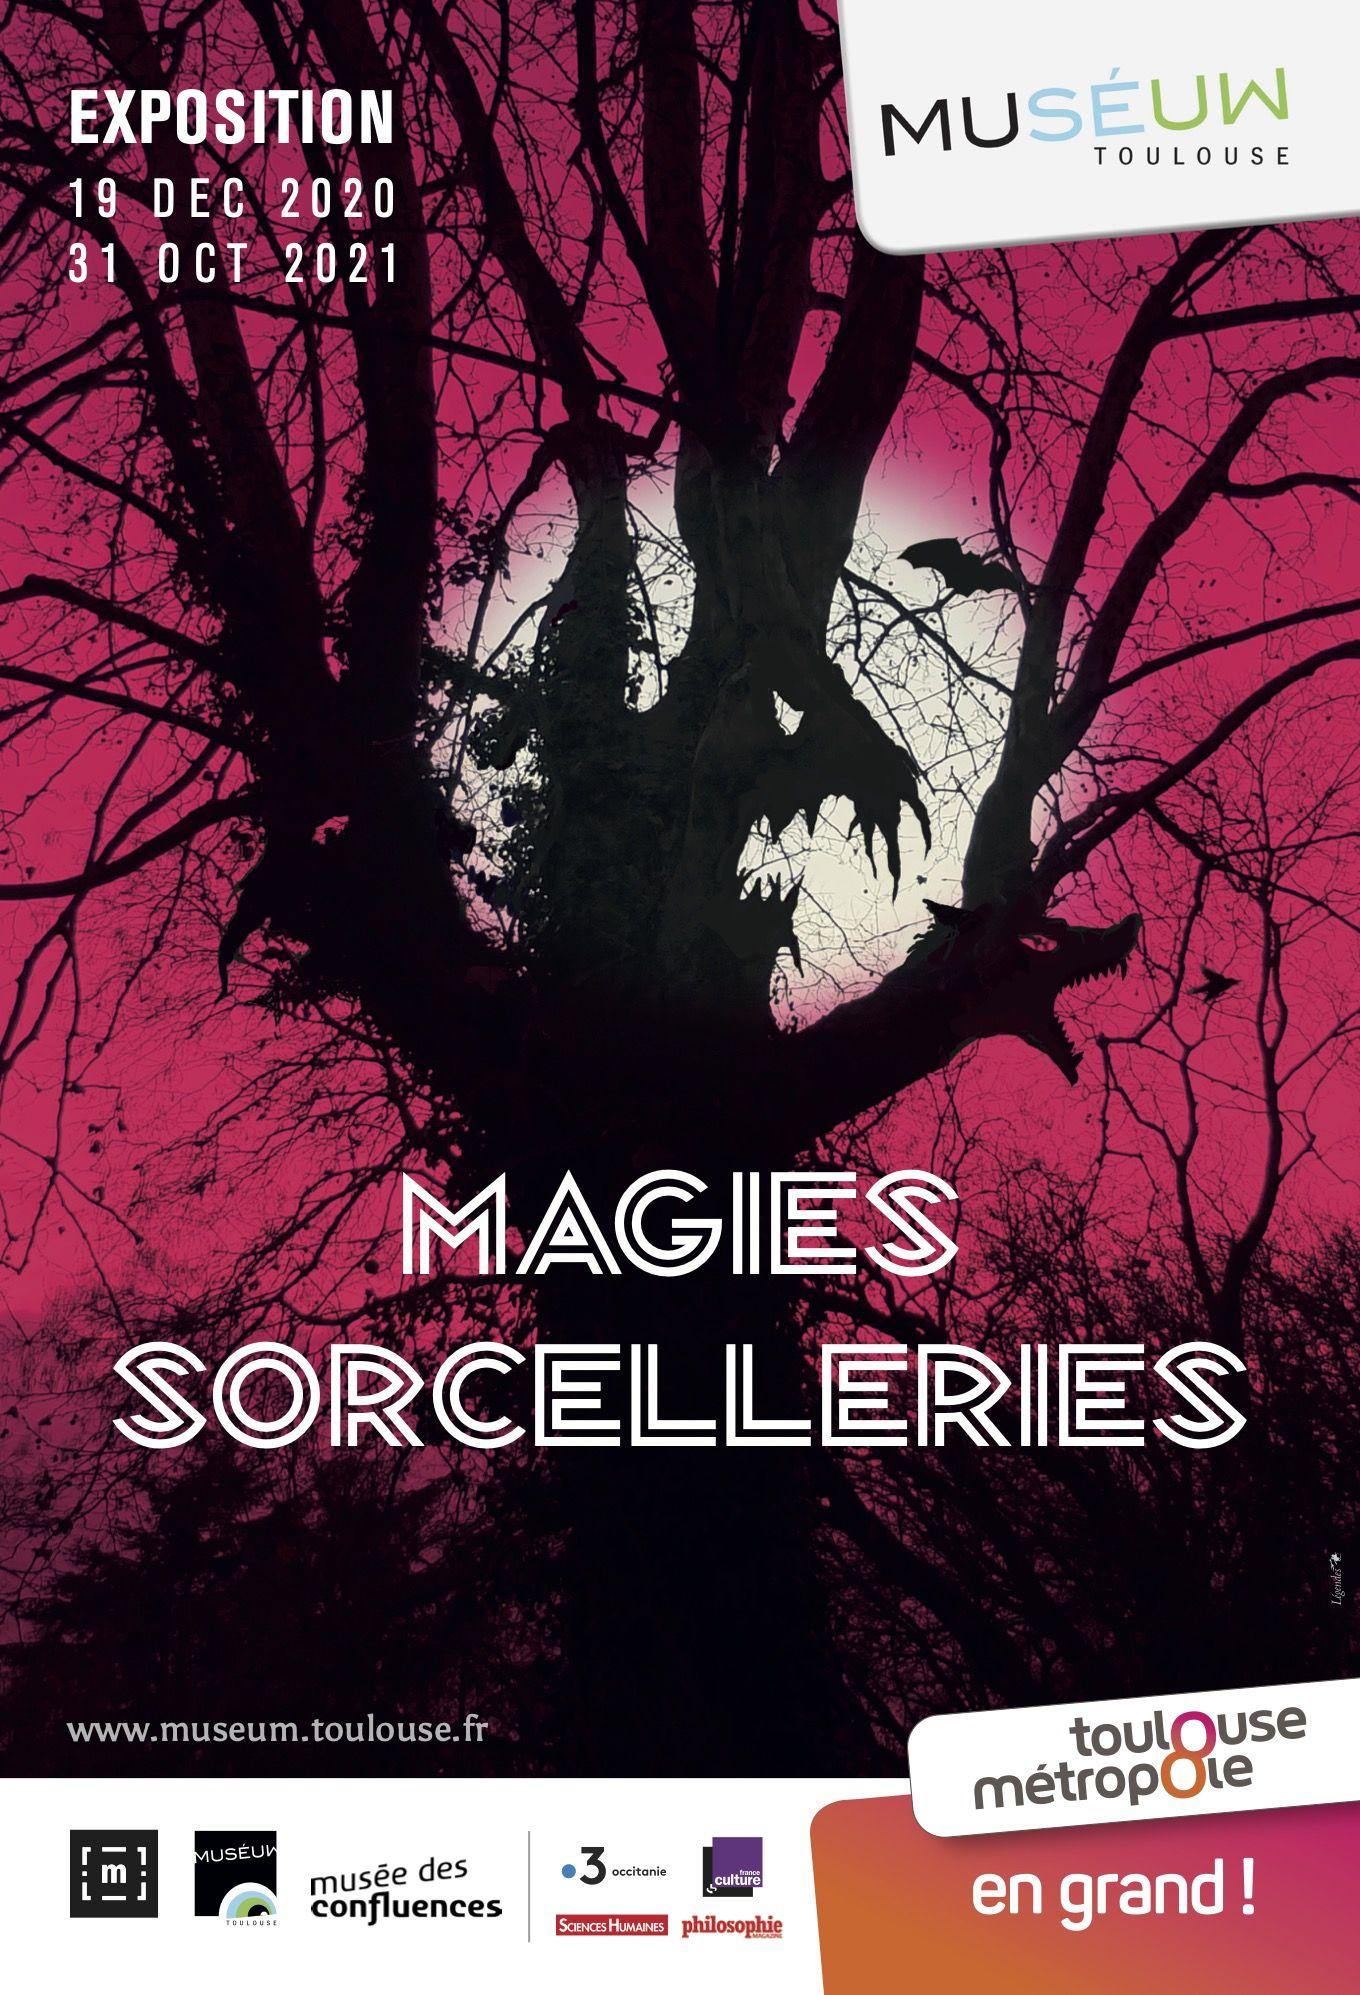 Muséum de Toulouse - Magies Sorcelleries